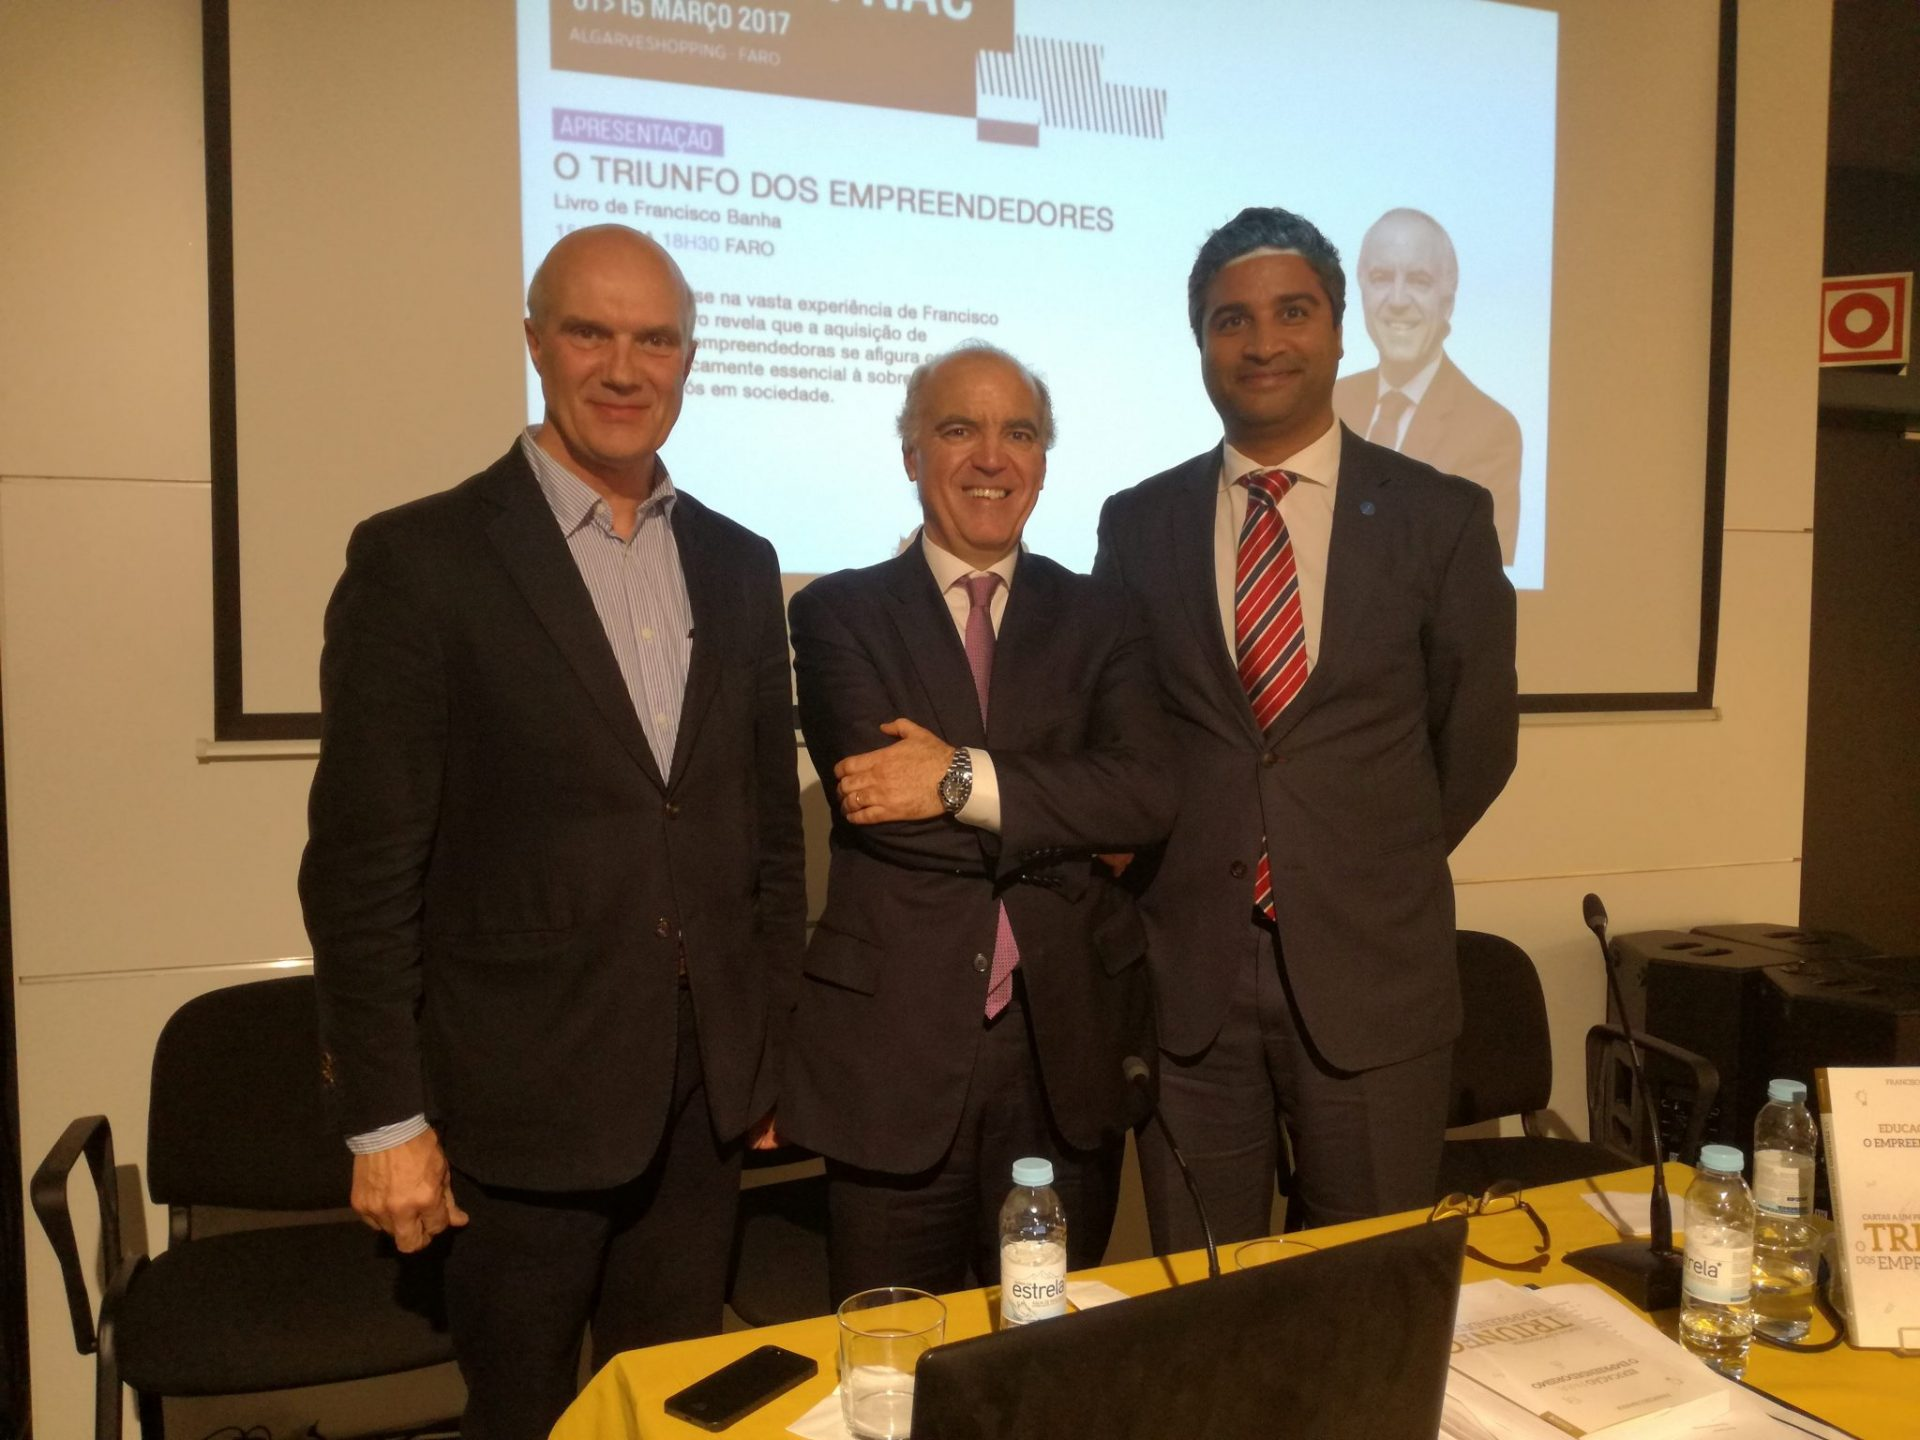 Apresentação O Triunfo dos Empreendedores - Faro